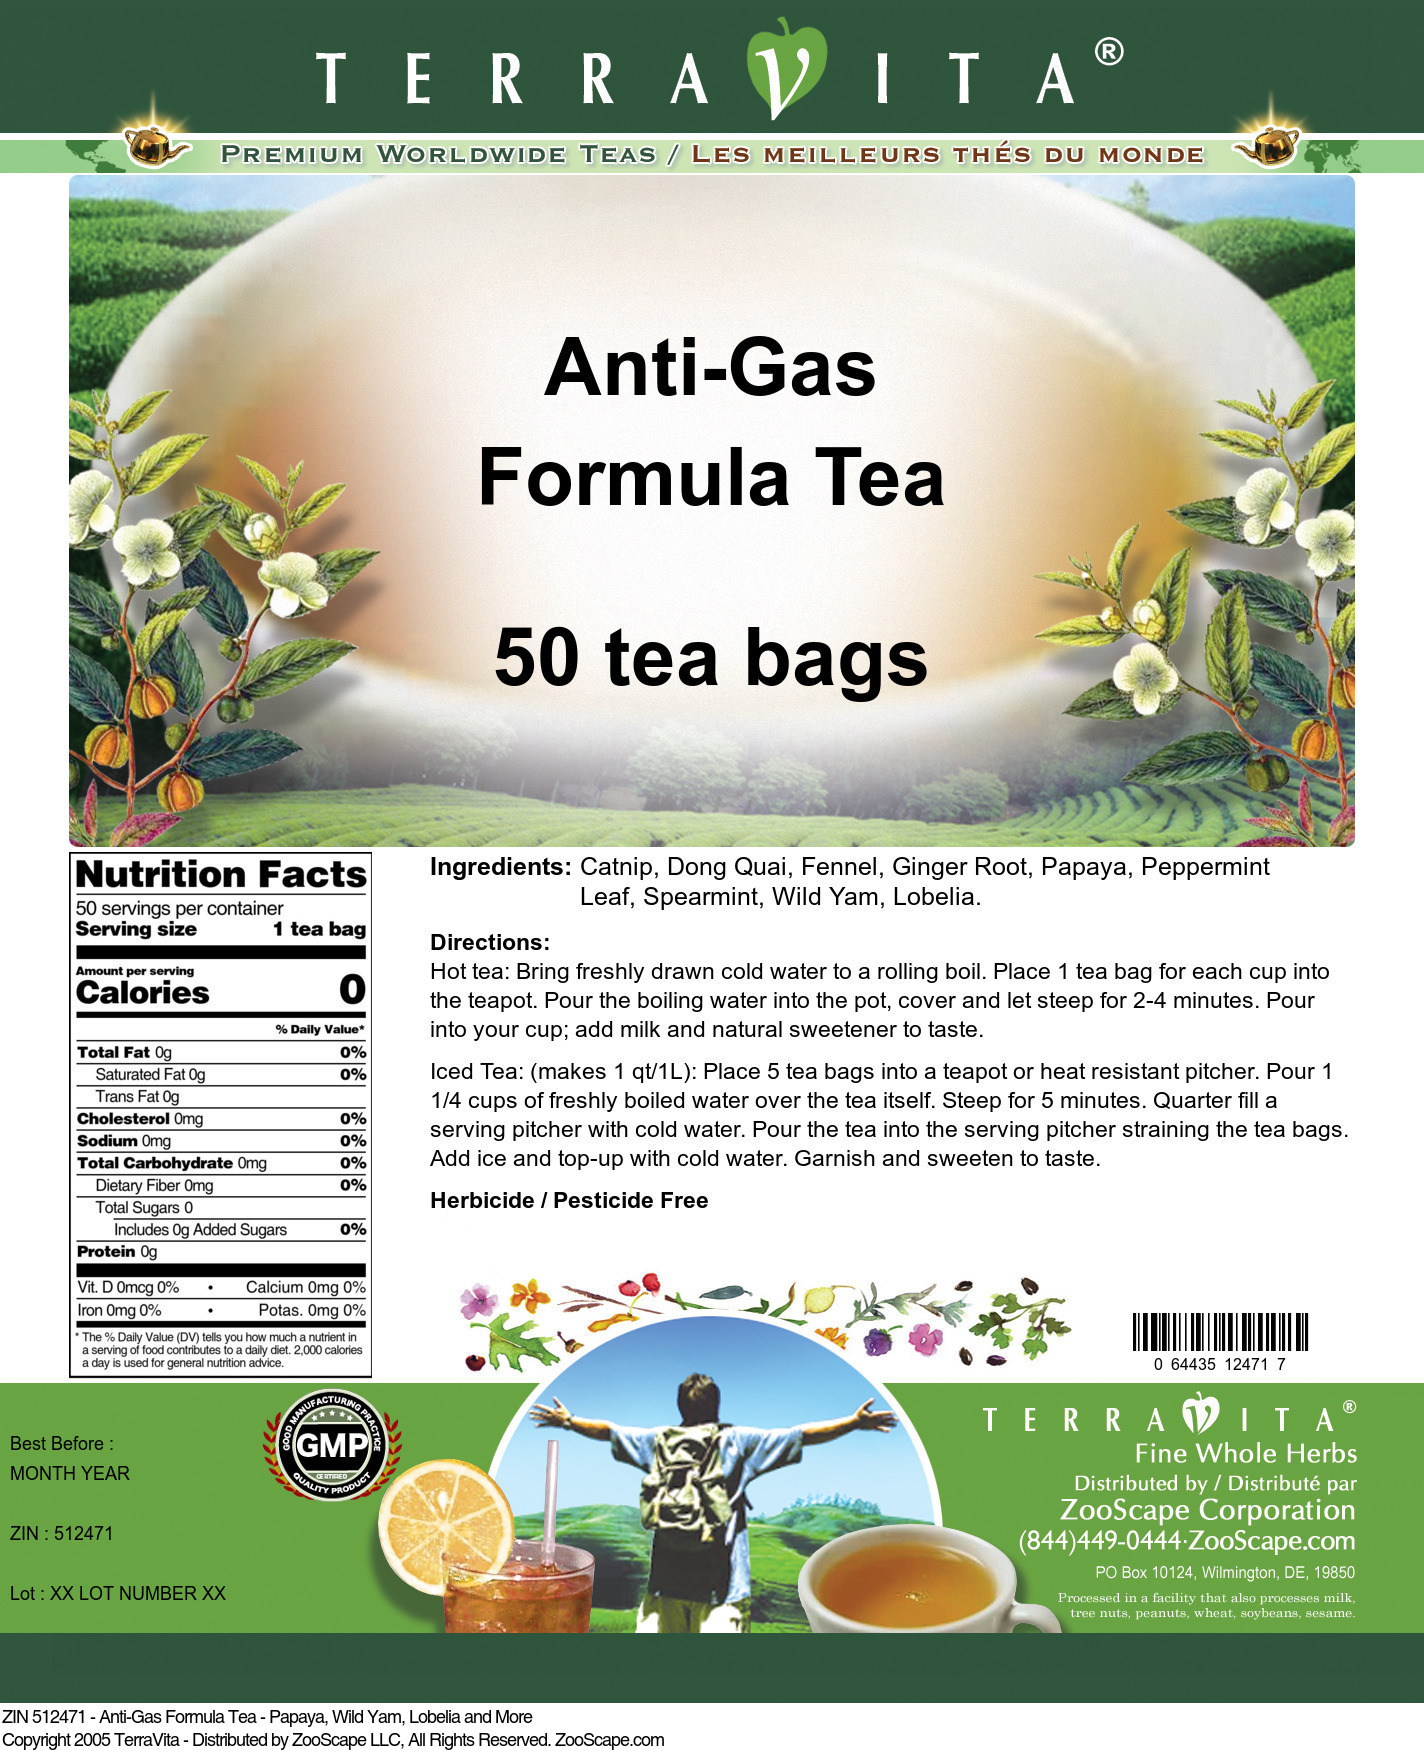 Anti-Gas Formula